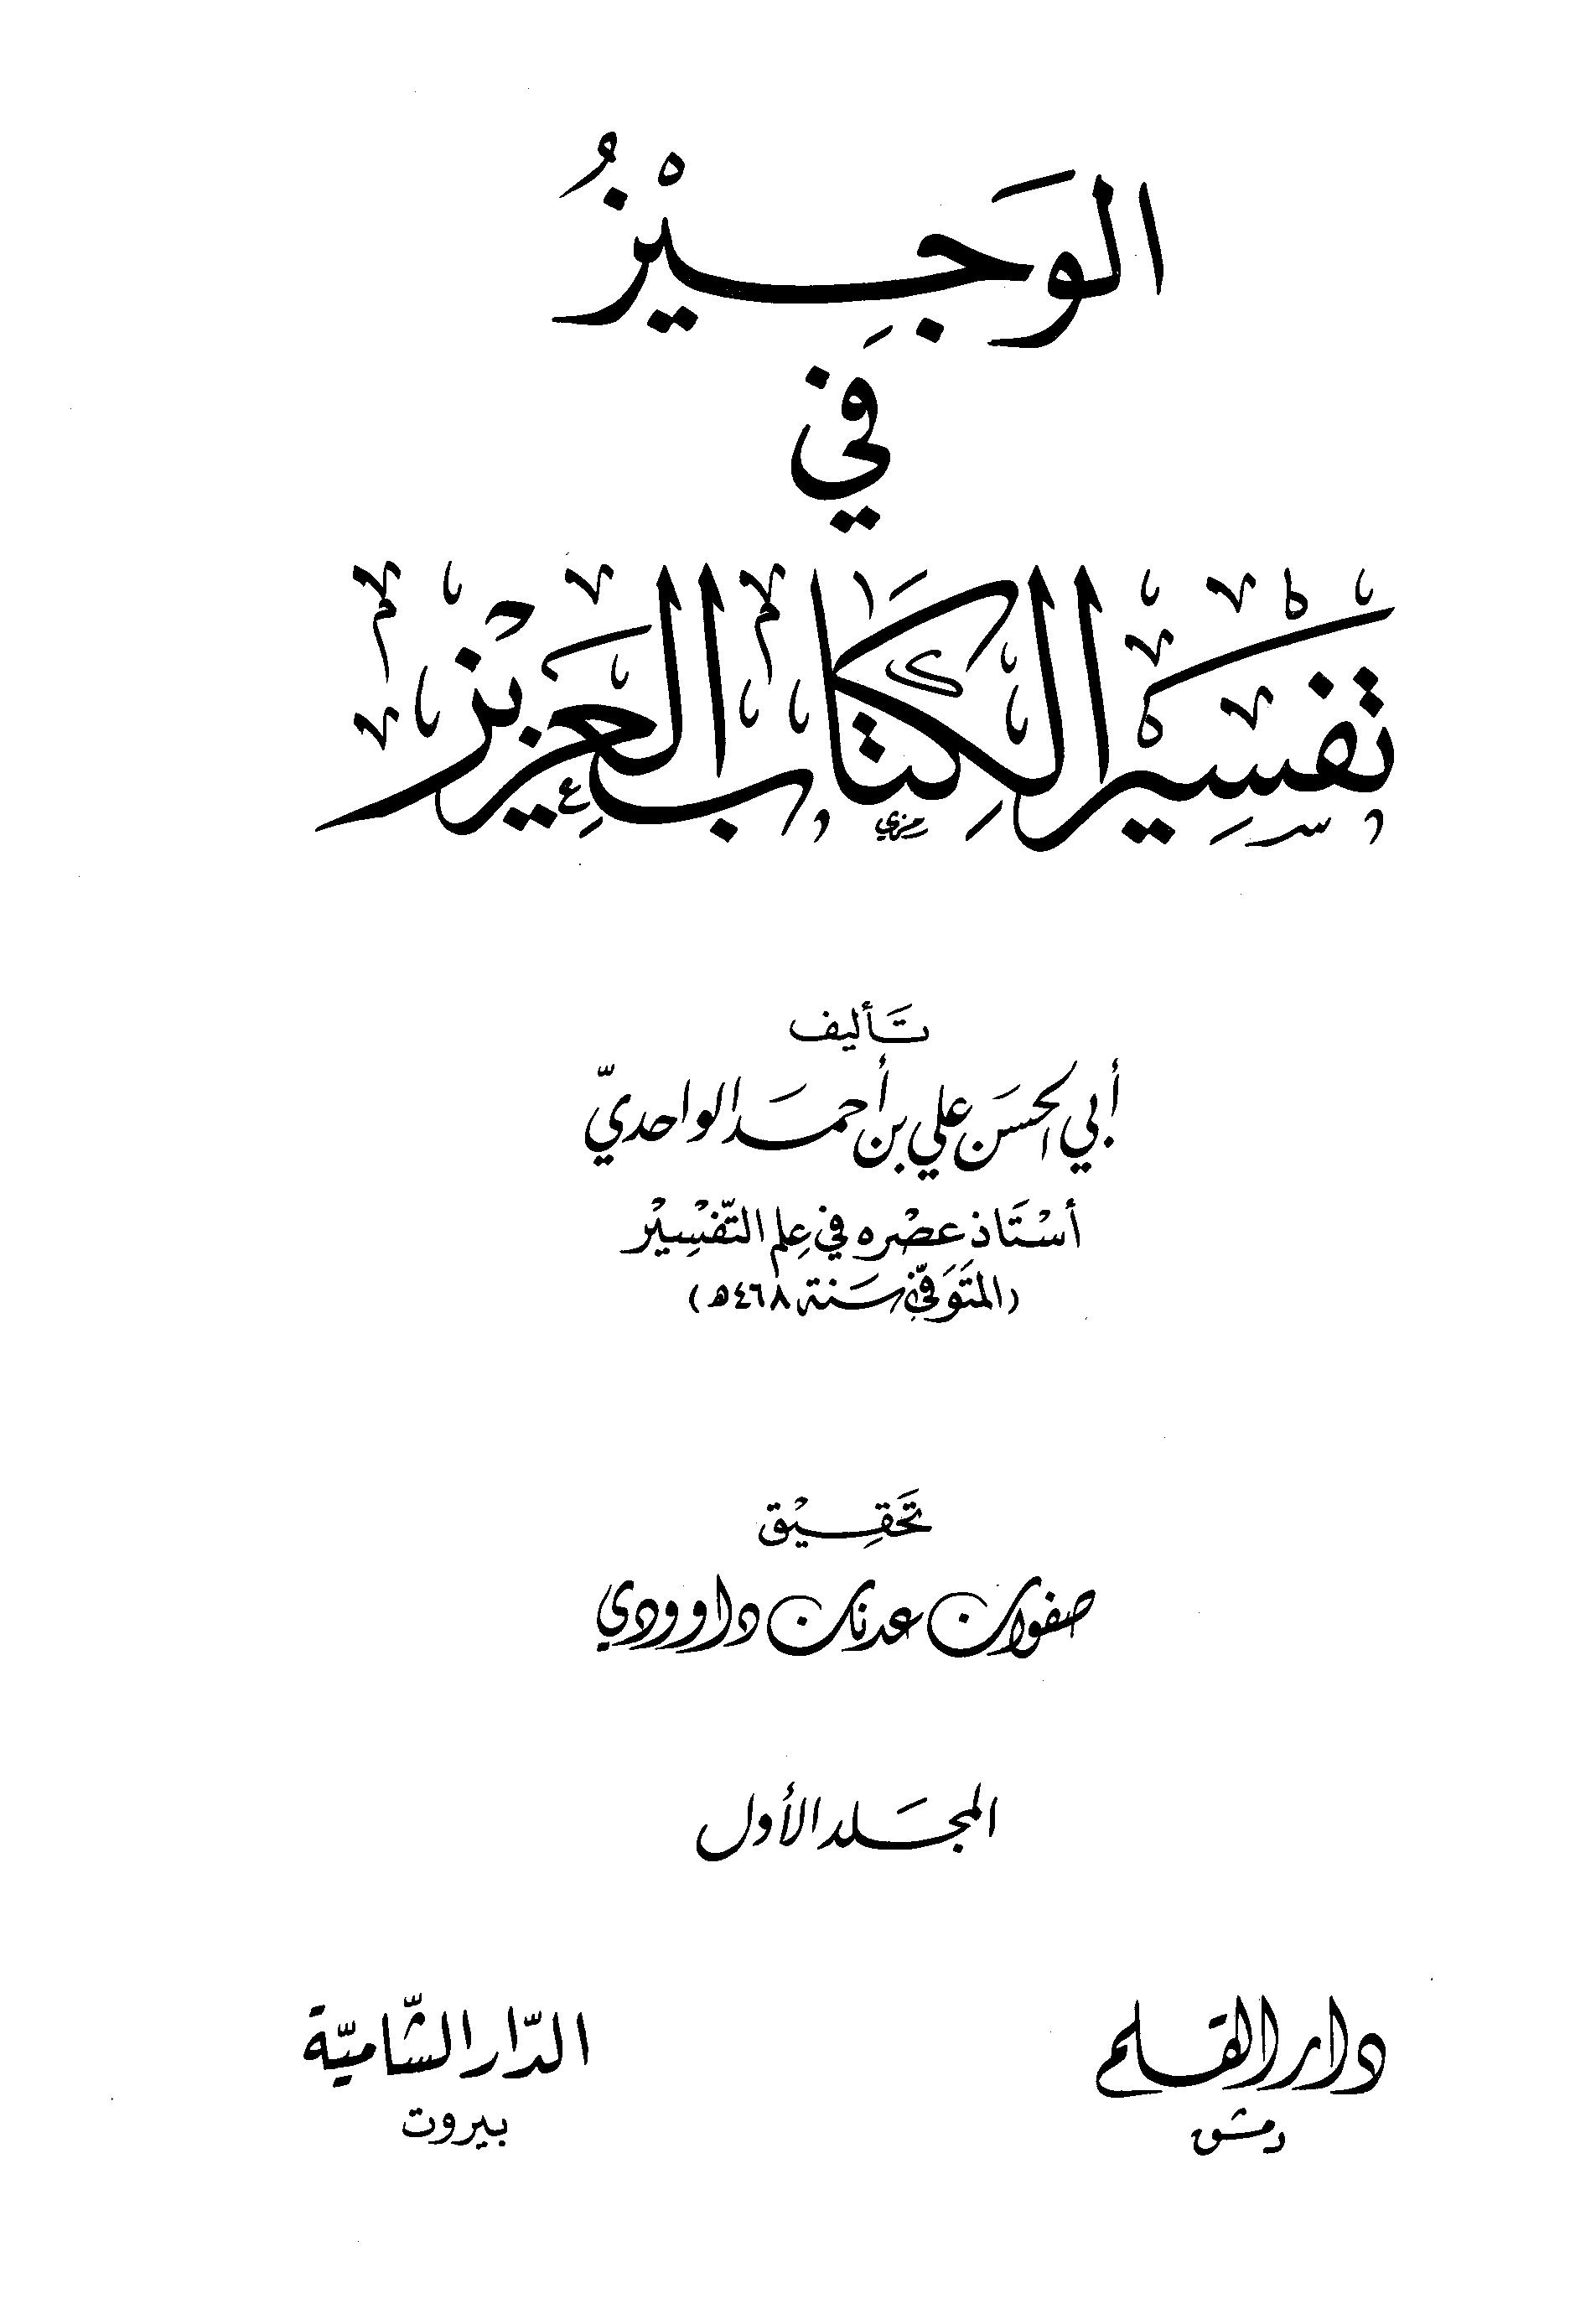 تحميل كتاب الوجيز في تفسير الكتاب العزيز لـِ: الإمام أبو الحسن علي بن أحمد بن محمد بن علي الواحدي (ت 468)